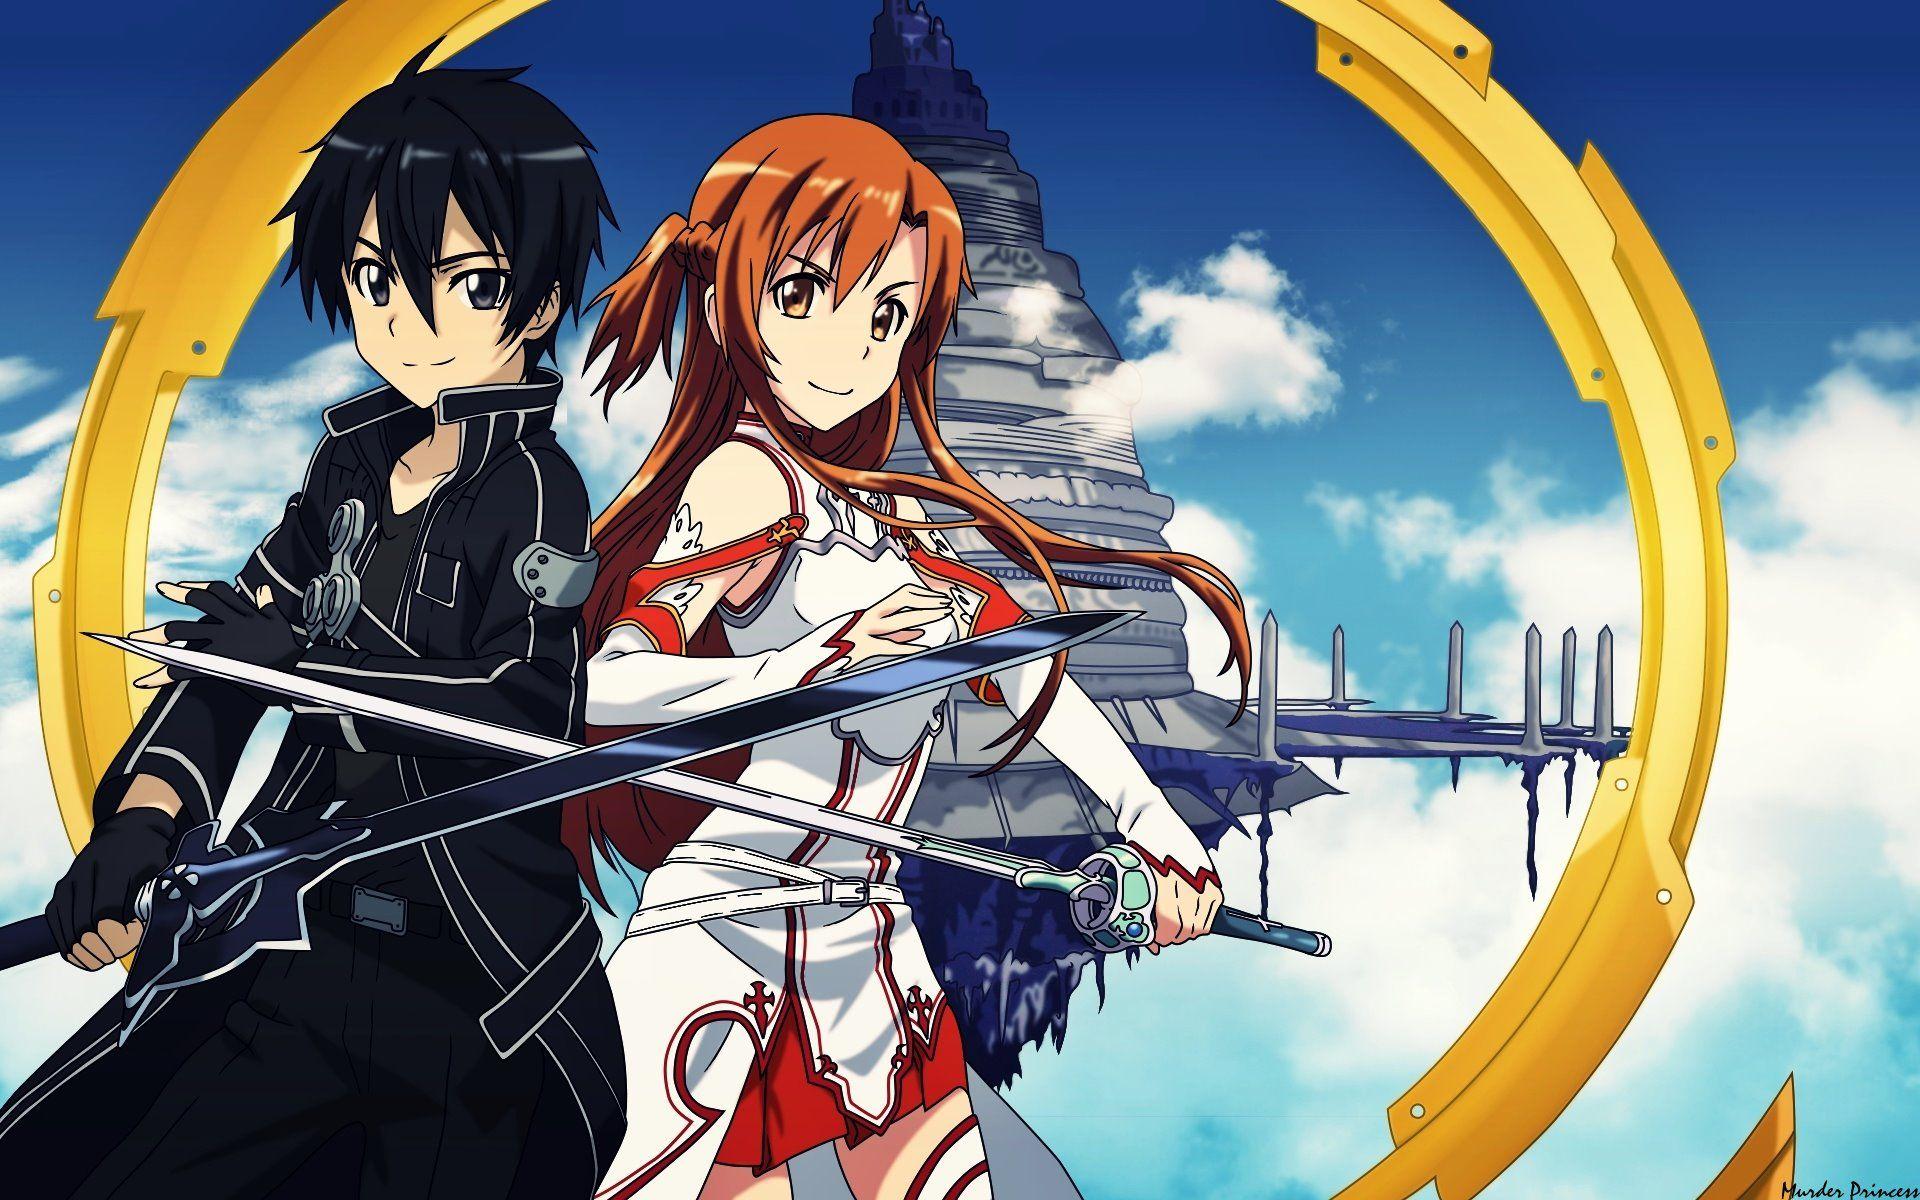 Sword Art Online HD Wallpapers Backgrounds Wallpaper 1920x1200 25